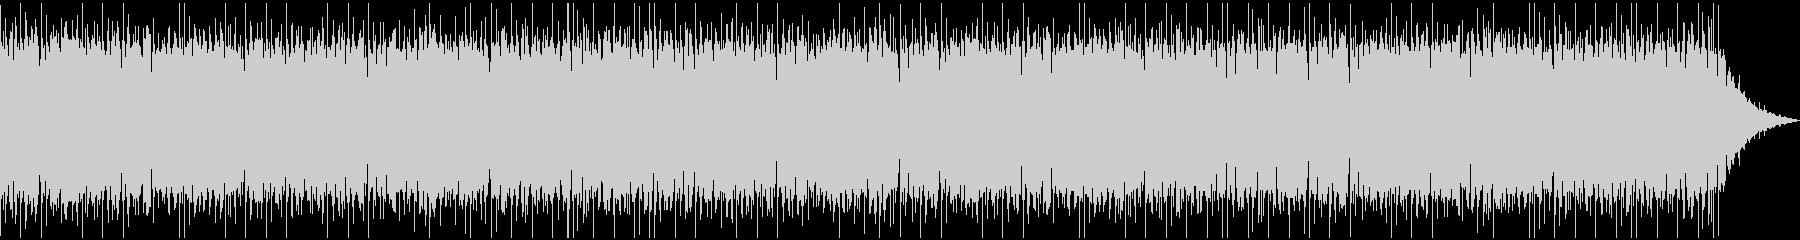 勢いのあるケルト音楽の未再生の波形